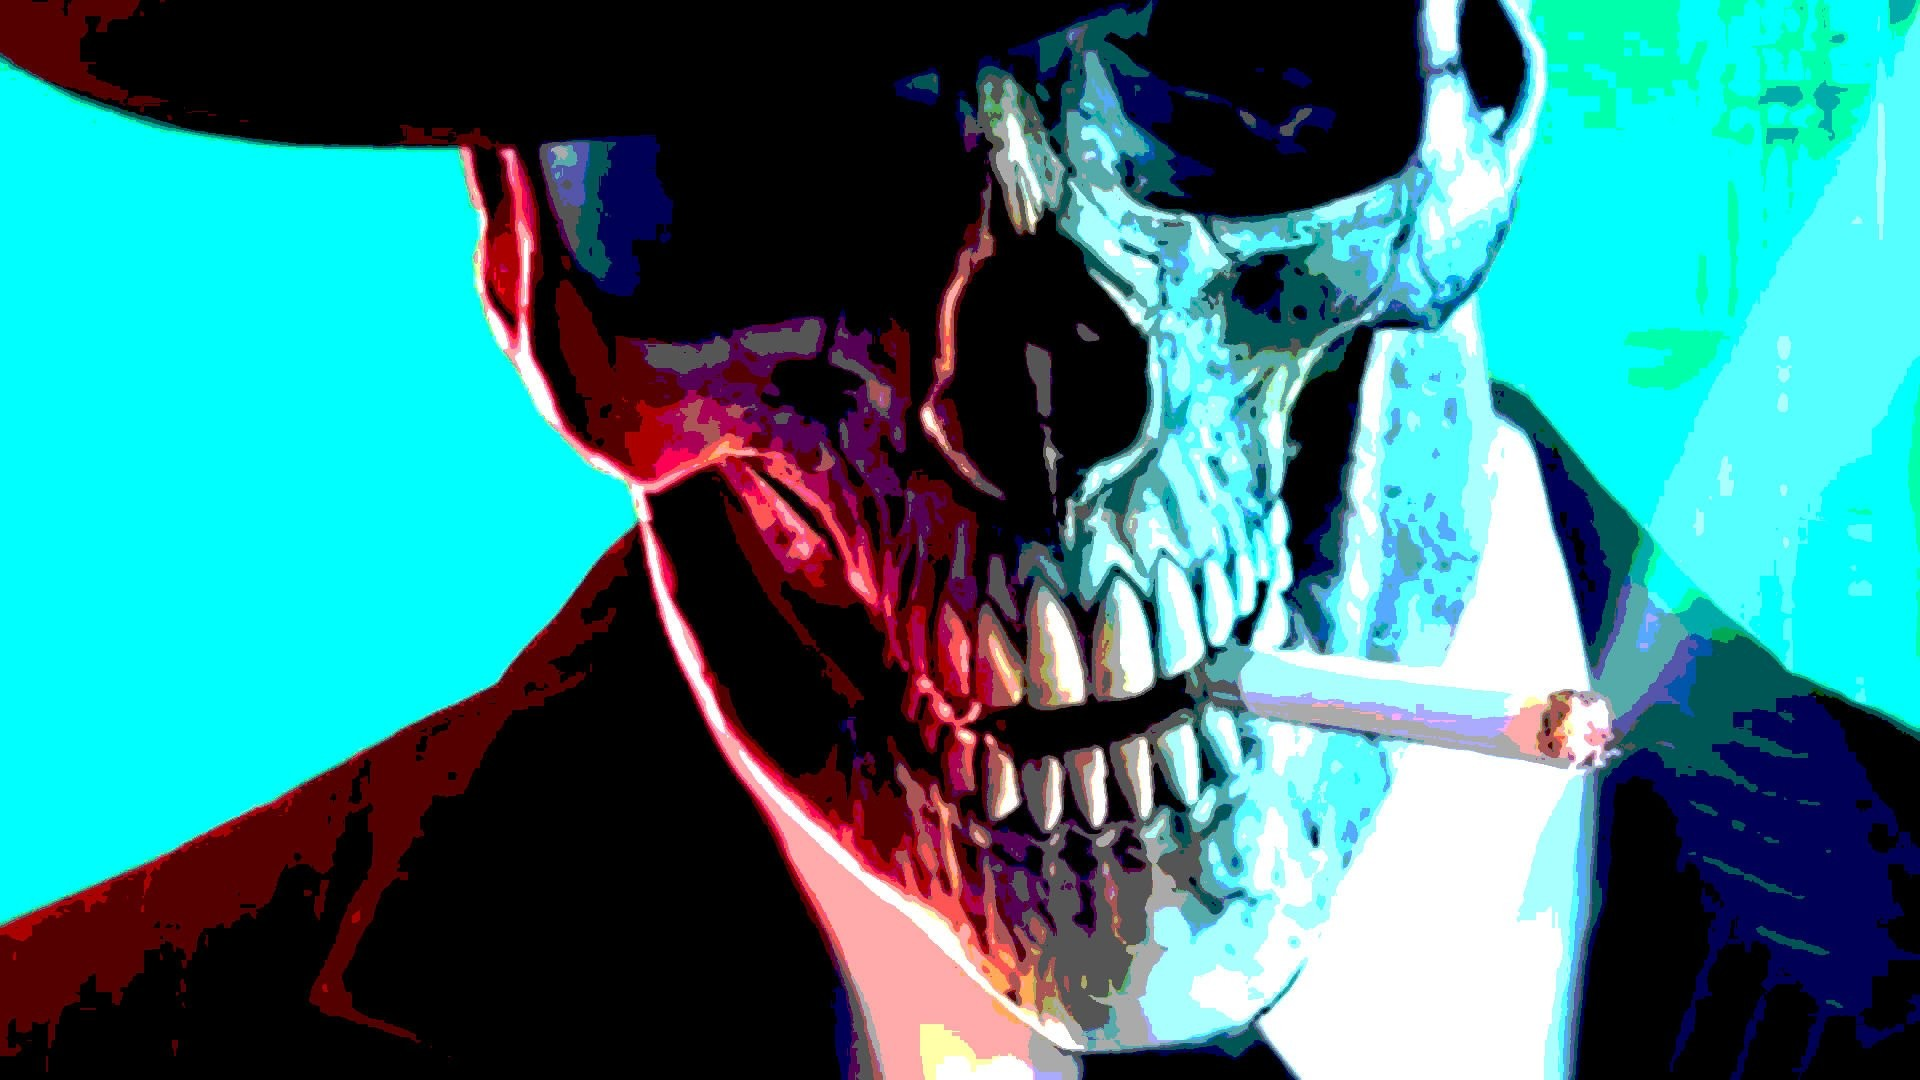 Wallpapers Hd Joker 3d Skull Wallpaper 183 ①